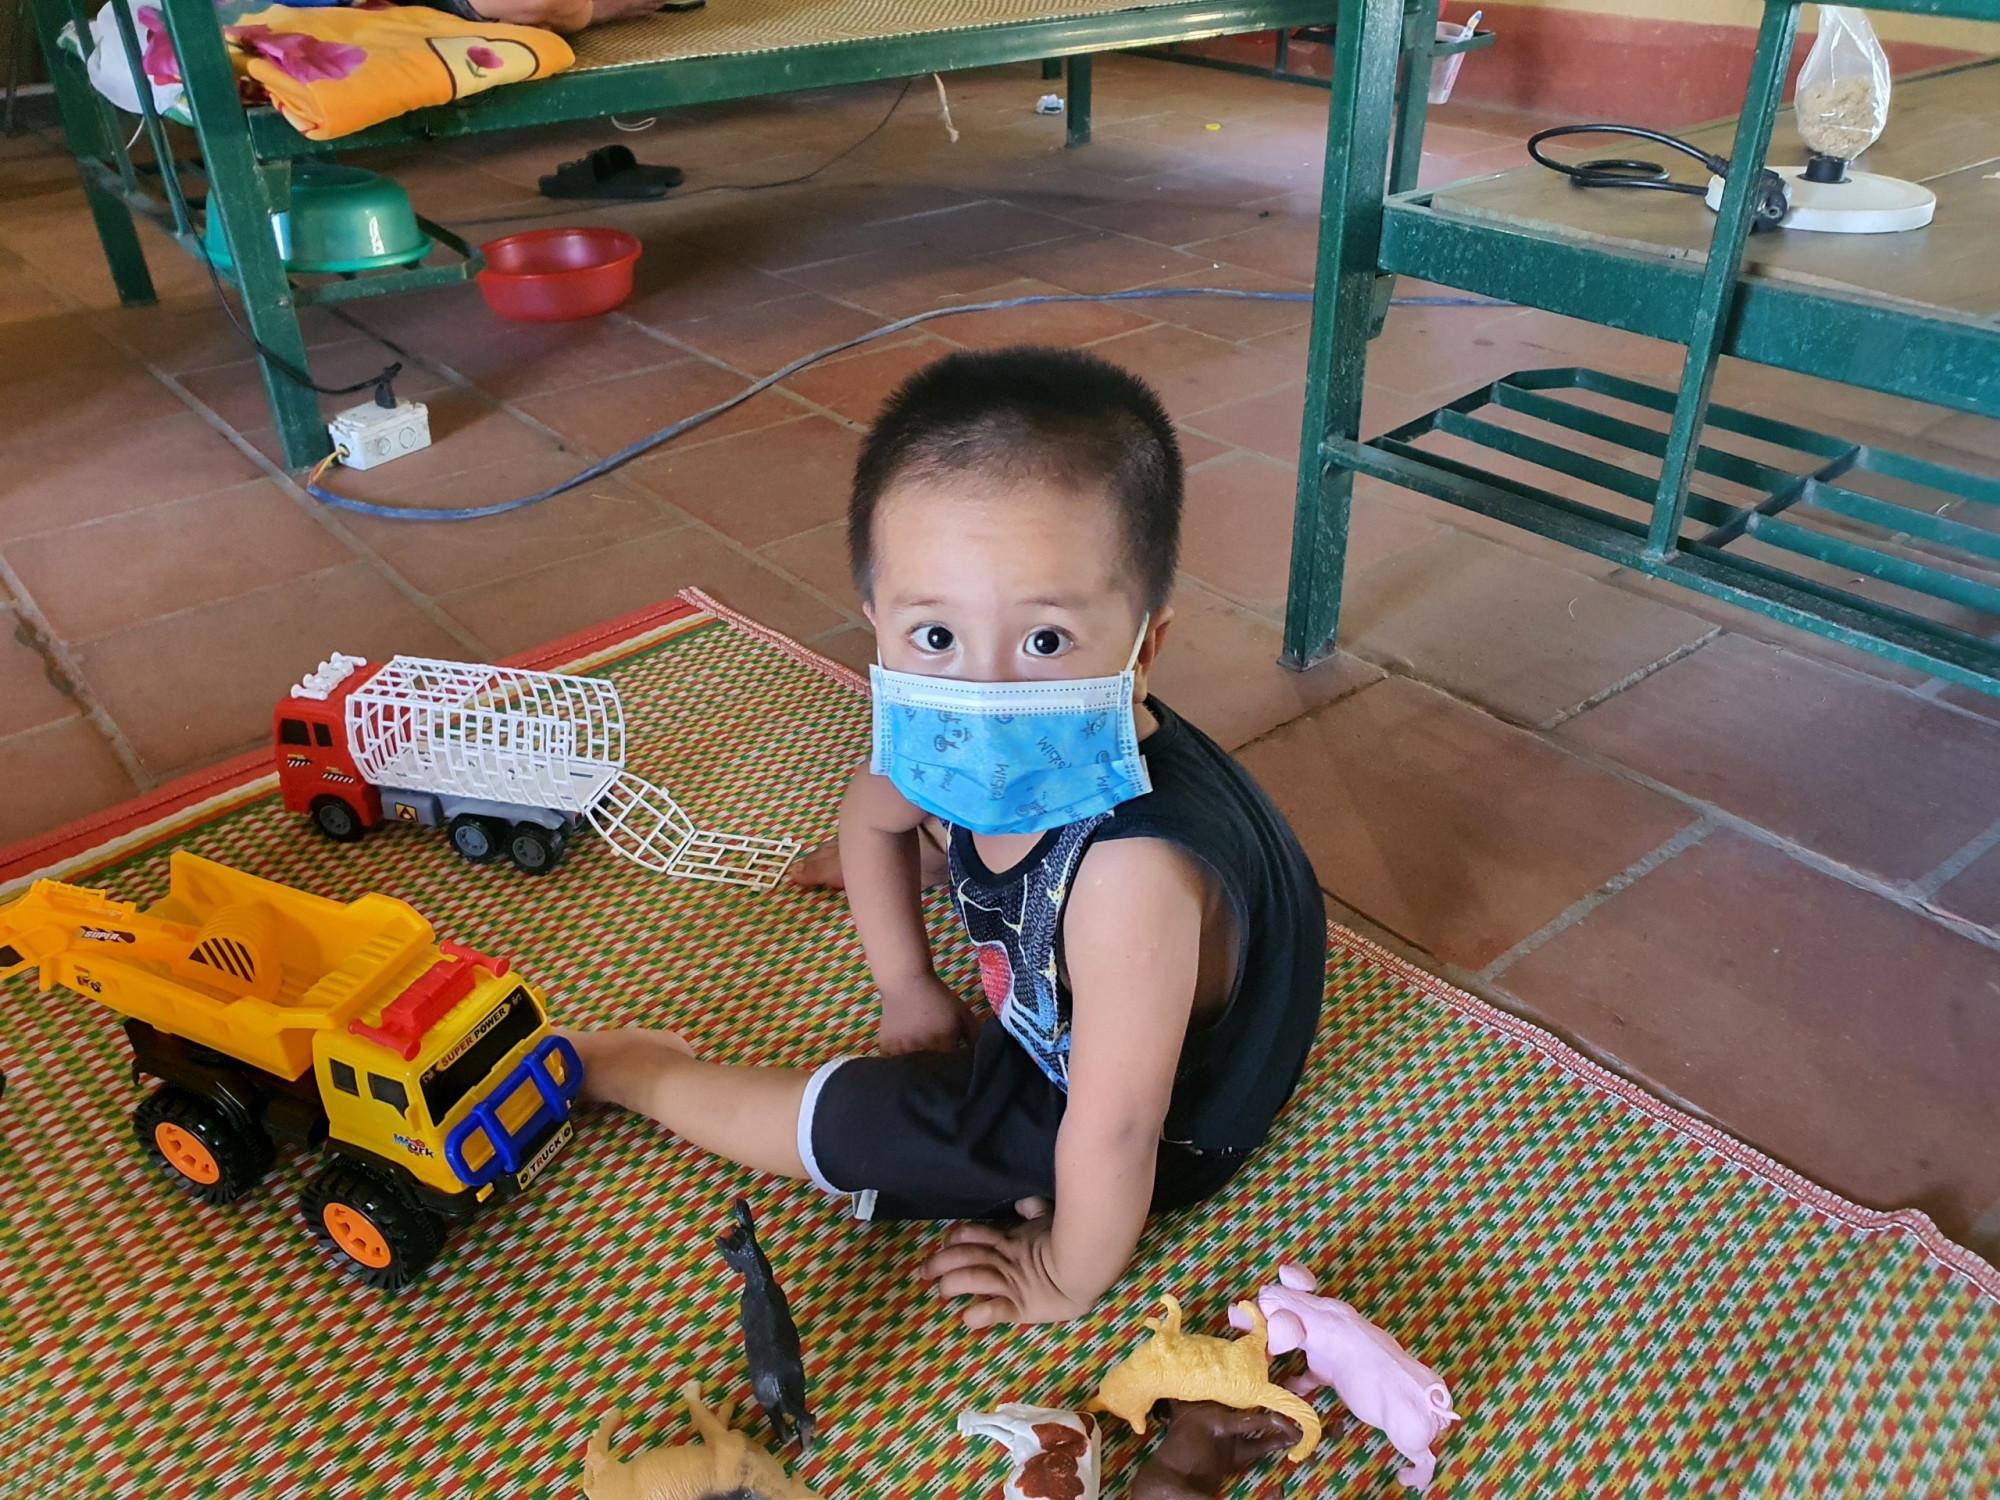 Hình ảnh bé trai N.V.M (3 tuổi, Bắc Giang) đeo khẩu trang, một mình chơi trong khu cách ly đã khiến nhiều người xúc động.